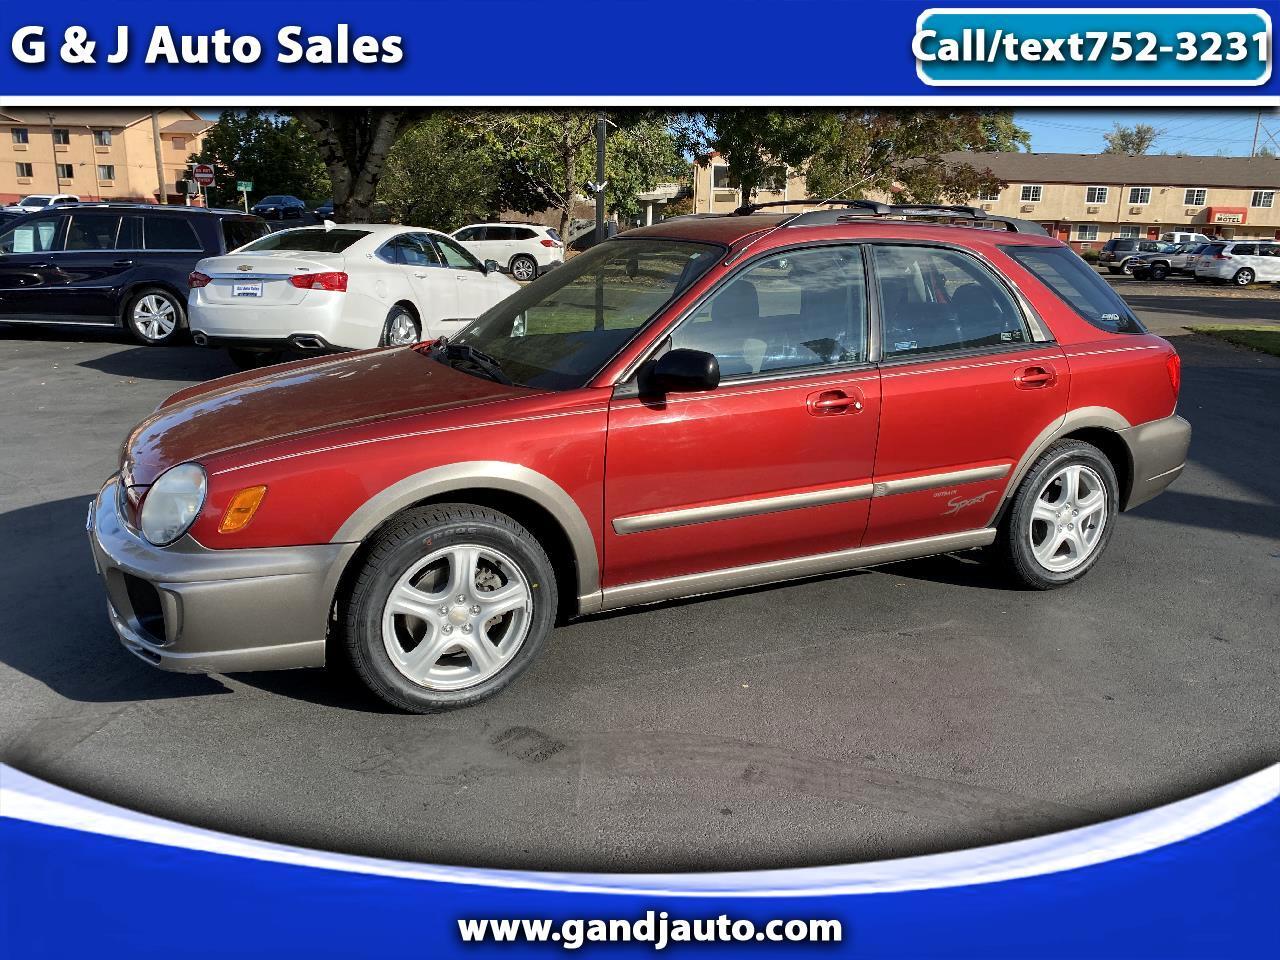 Subaru Outback 2.5i Wagon 2002